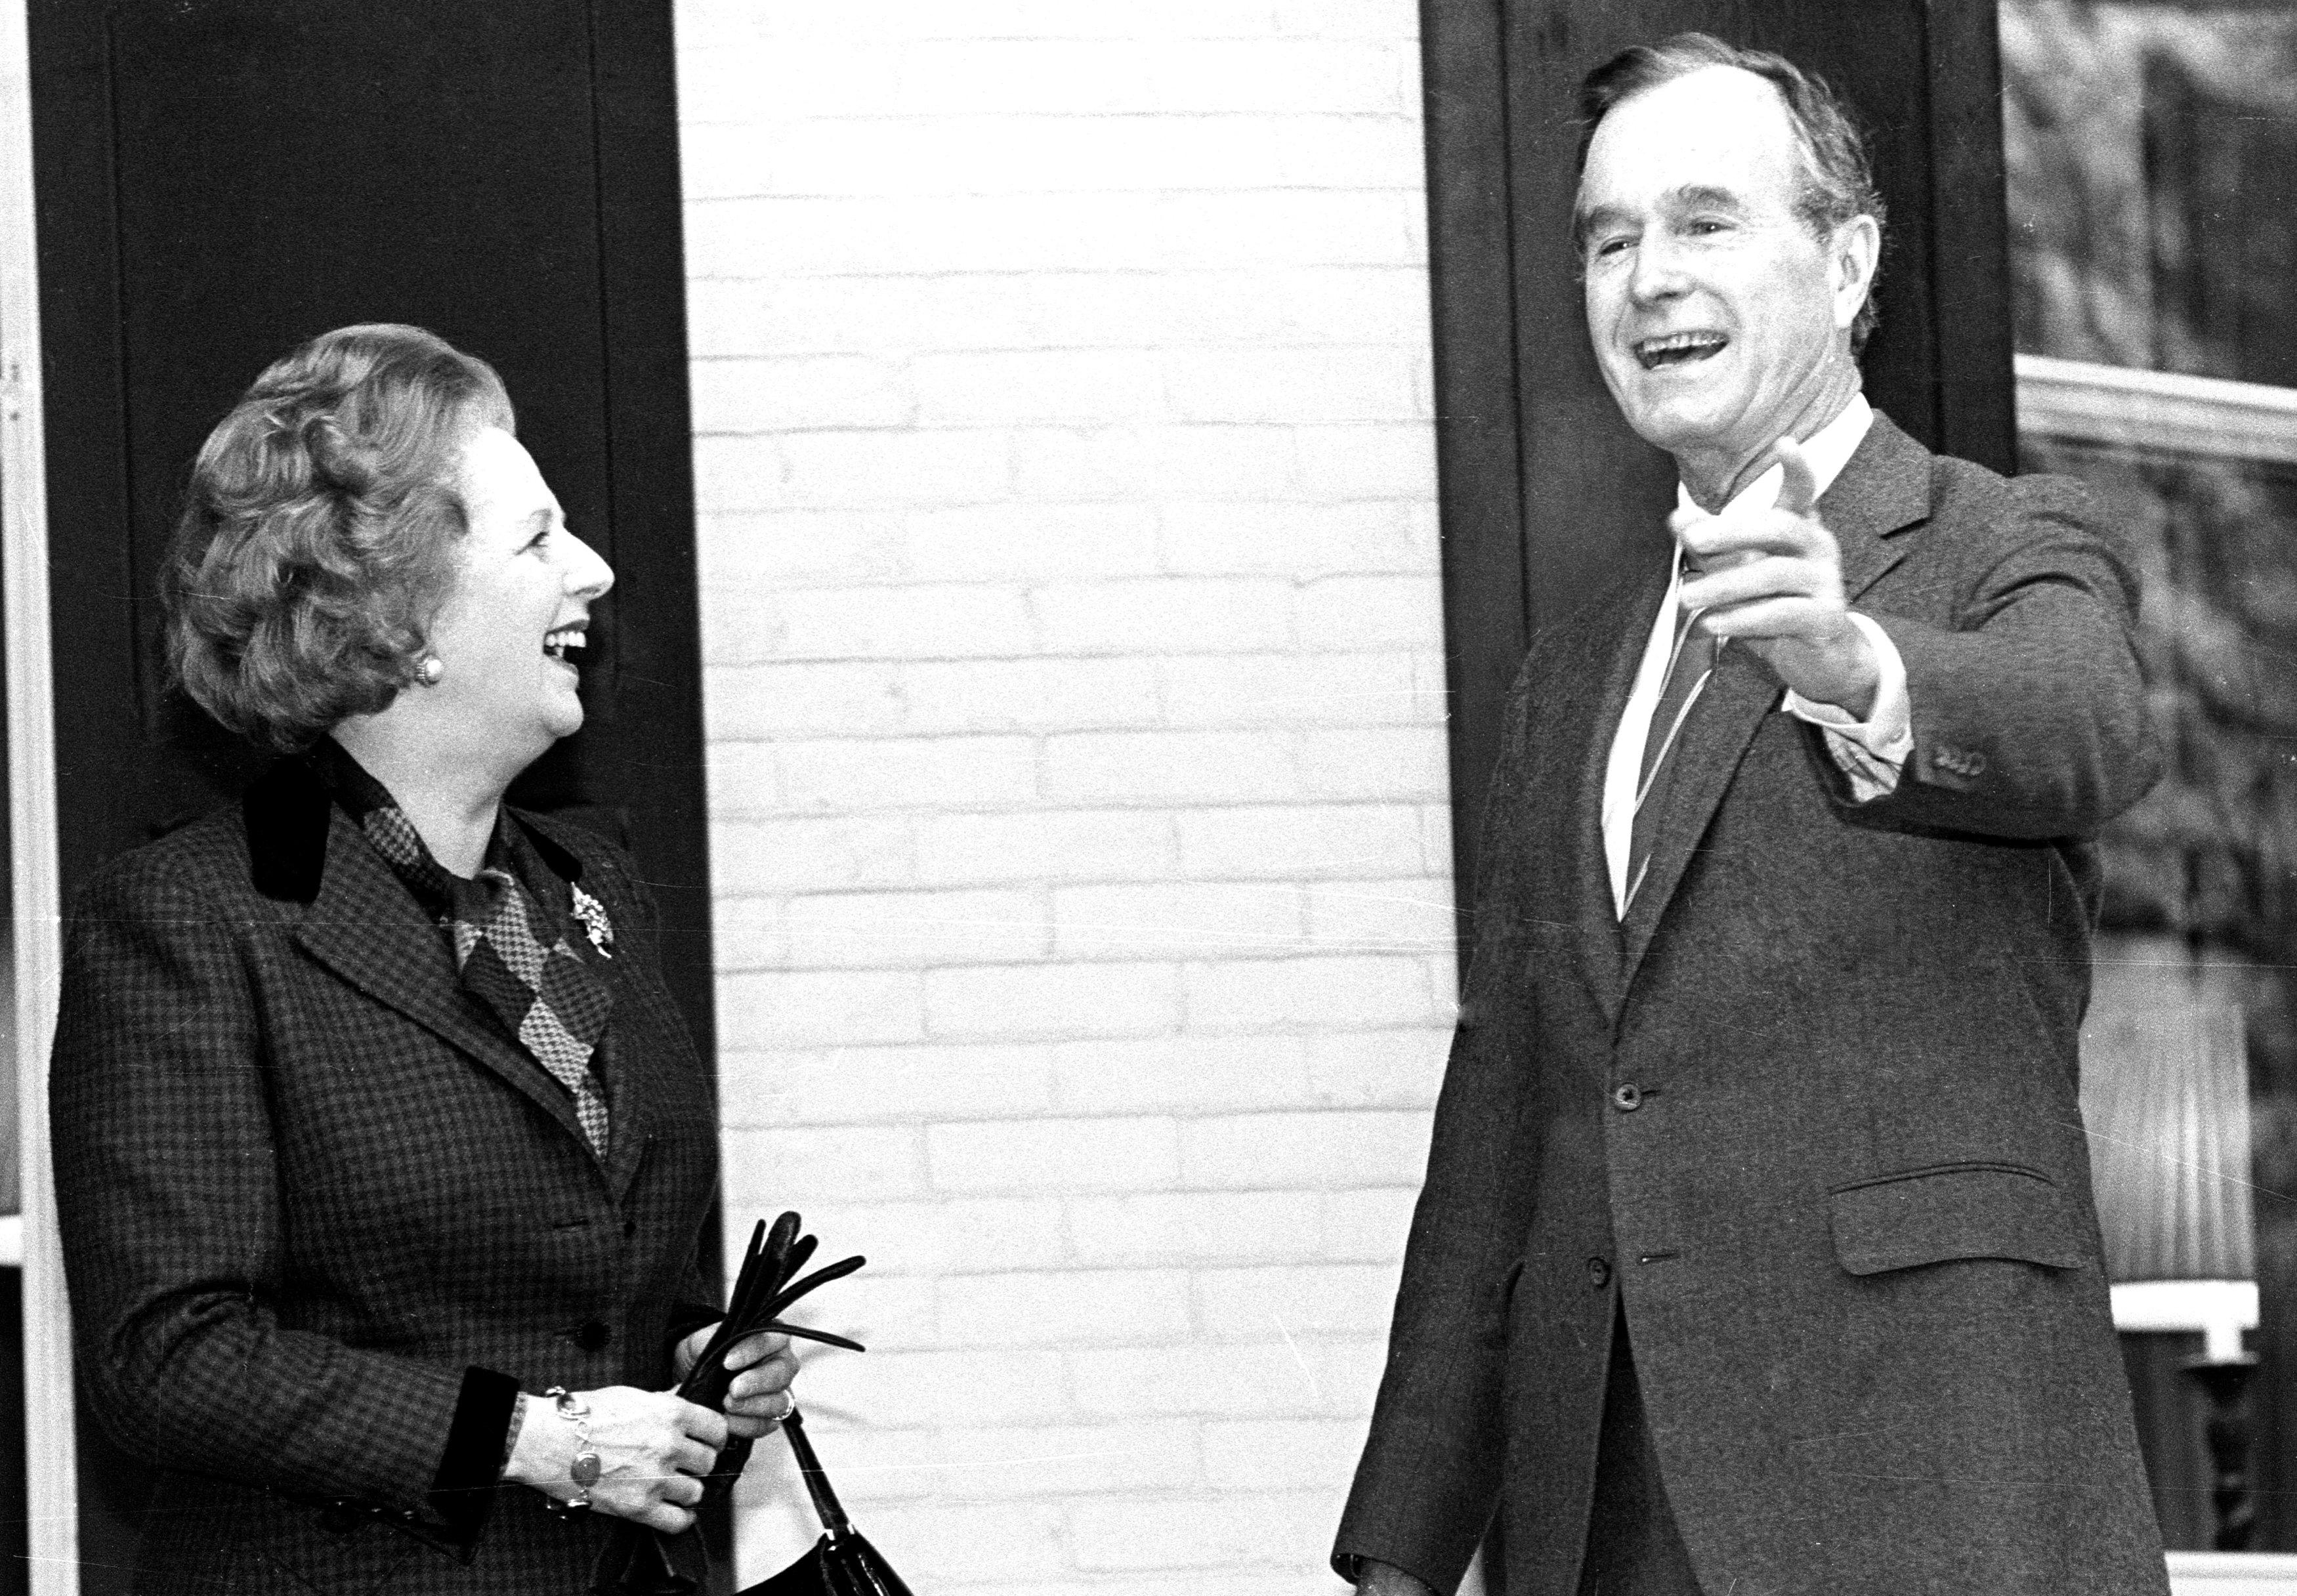 جورج بوش الأب  الرئيس الأمريكى الأسبق  (12)